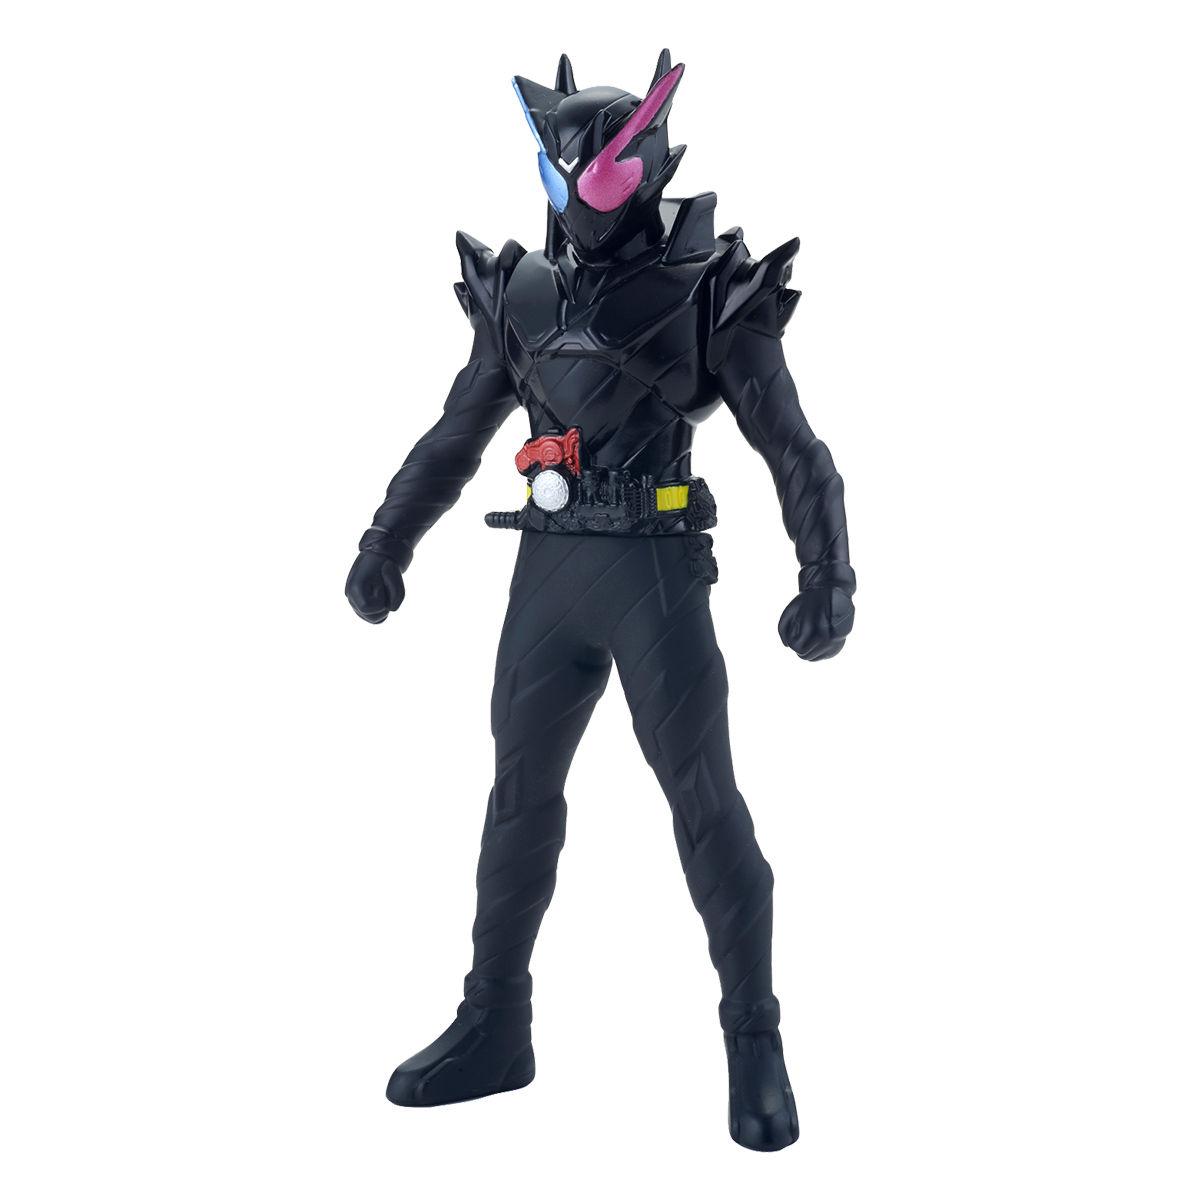 ライダーヒーローシリーズ 18 仮面ライダービルド ラビットタンクハザードフォーム